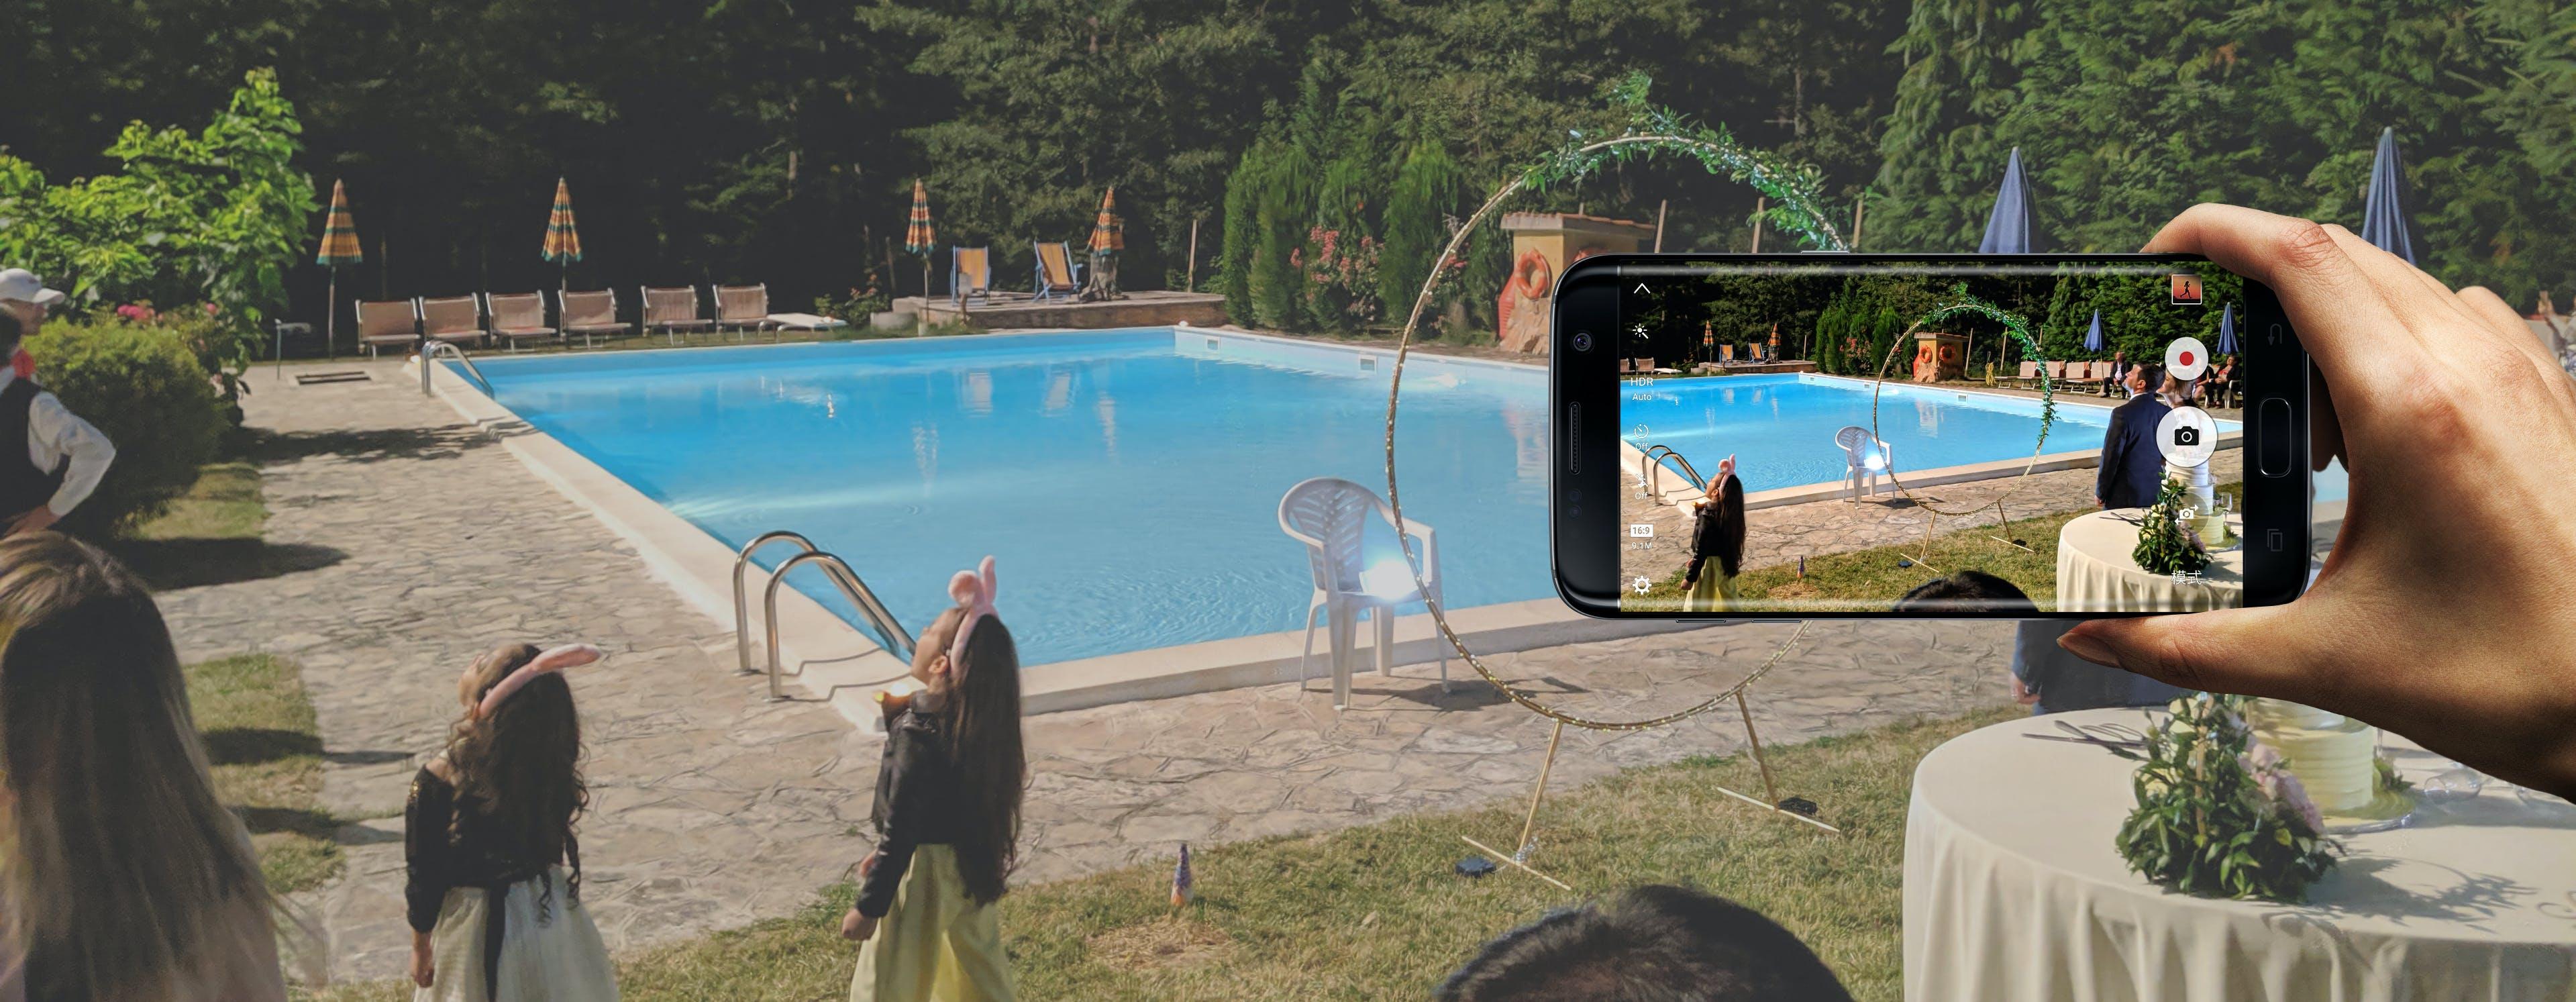 I migliori smartphone per fare foto a meno di 350 euro